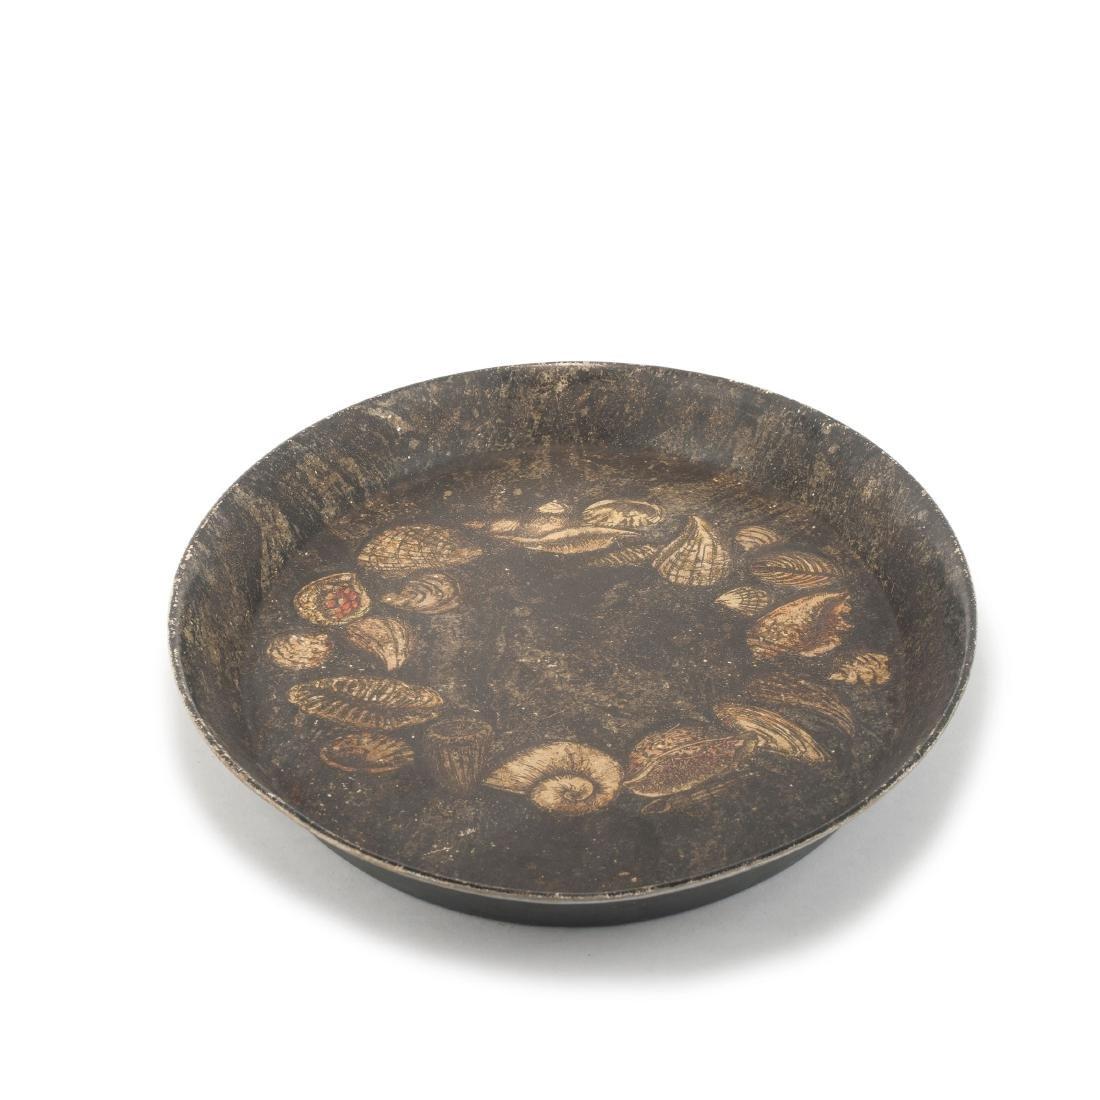 'Corona di conchiglie' tray, 1950/60s